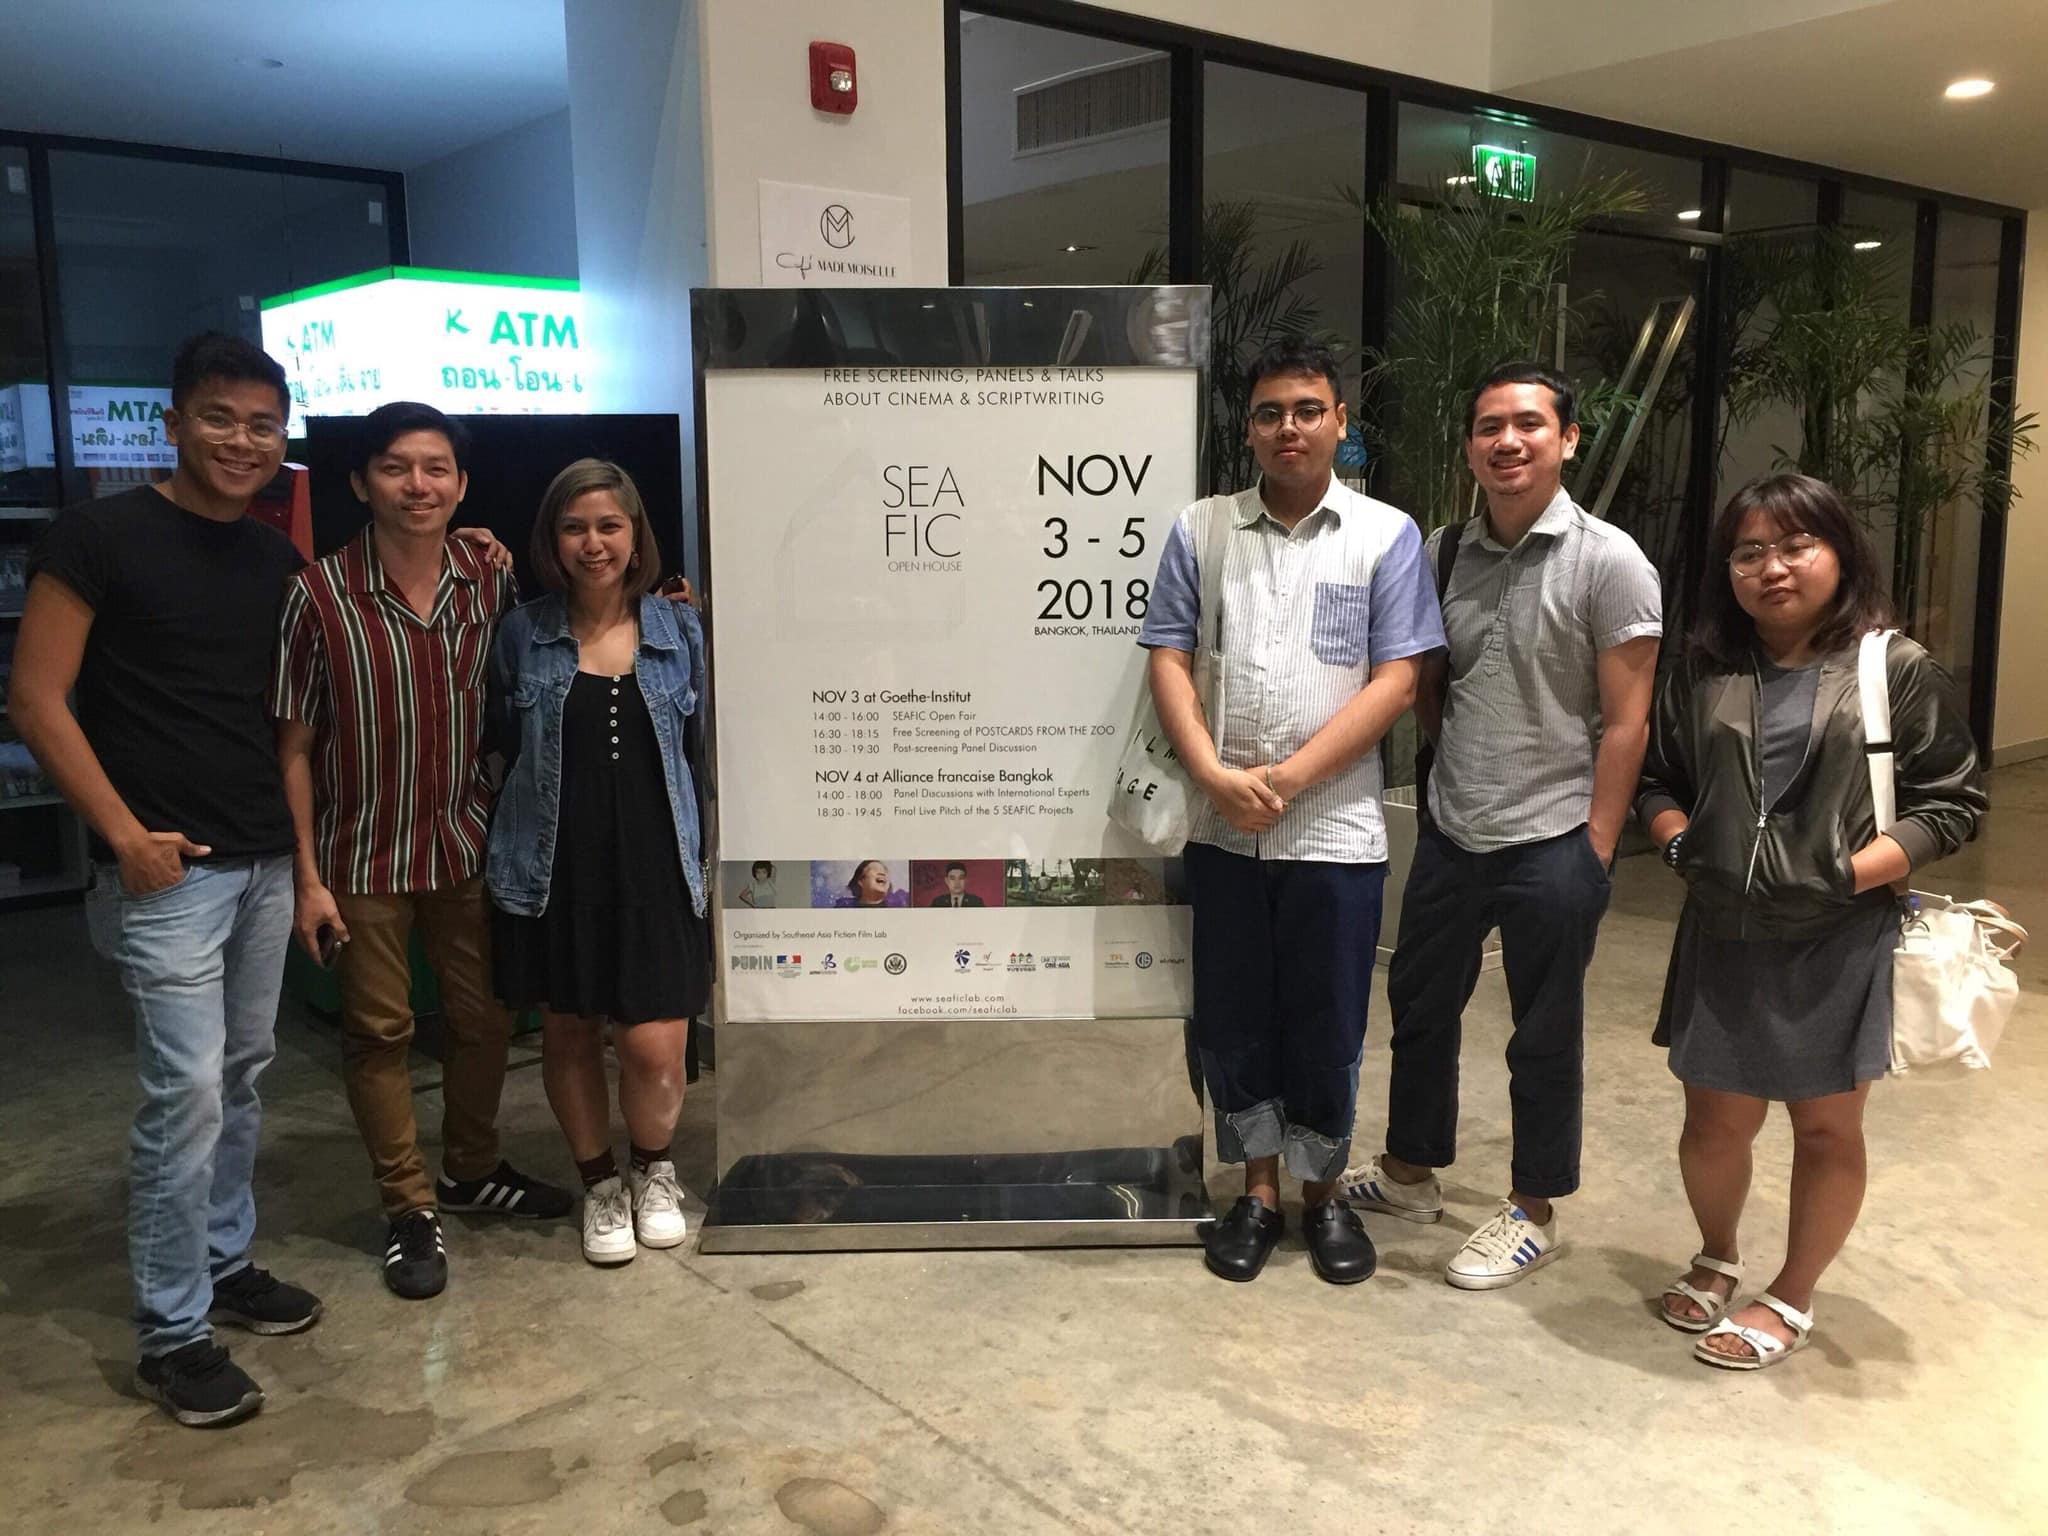 SEAFIC Open House 2018 Participants